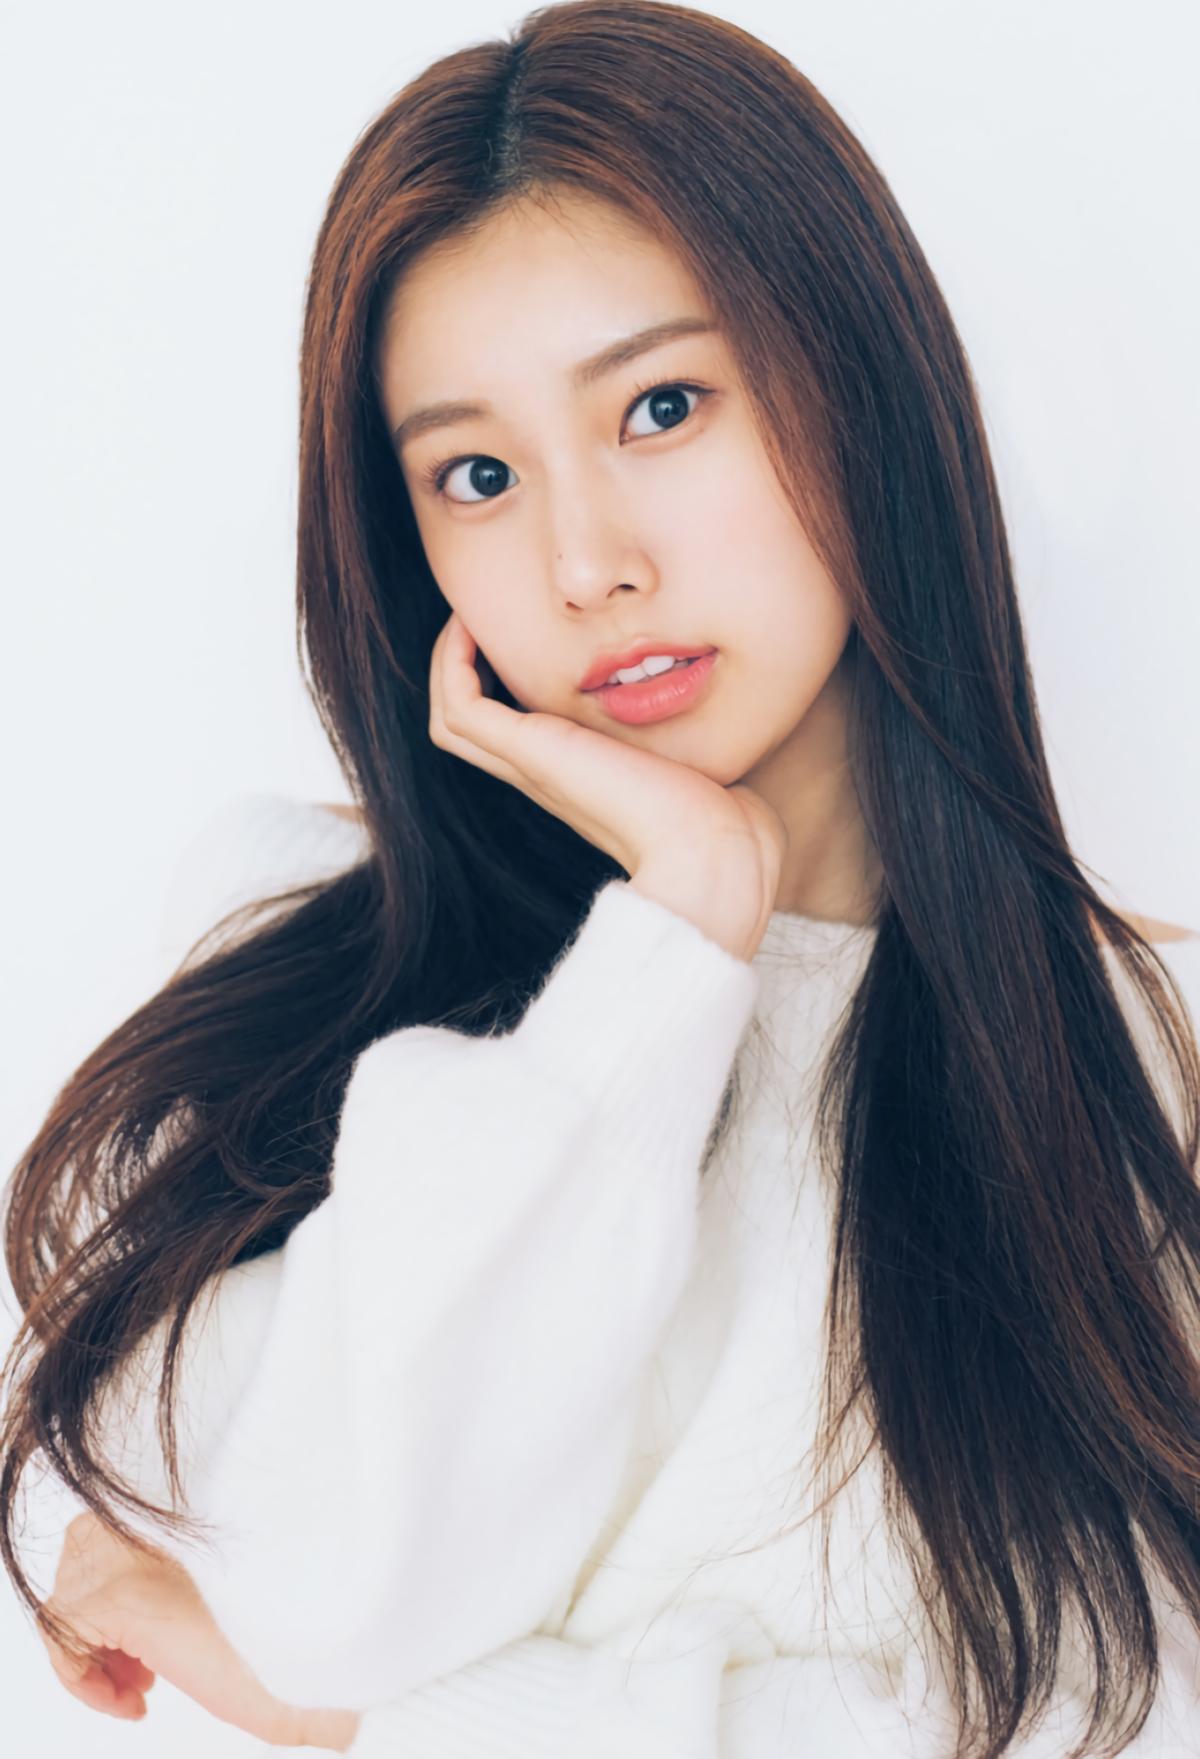 beautiful Korean girl - Kang Hye Won, IZ*ONE member